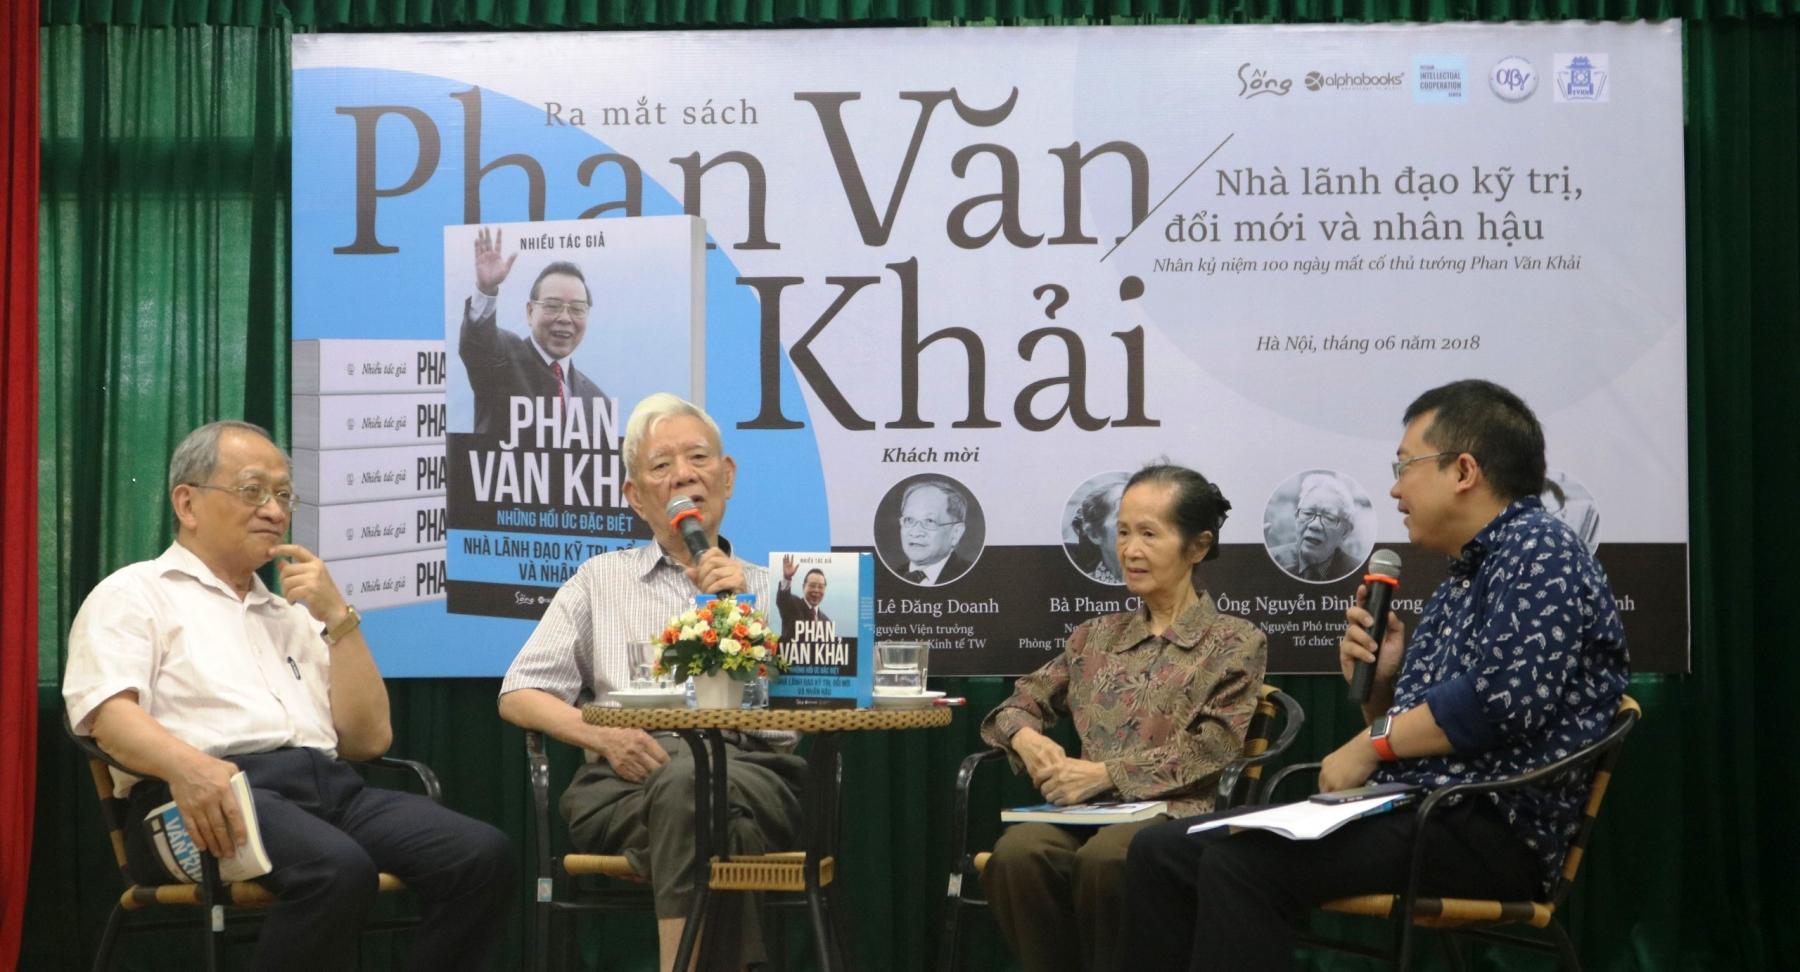 Image result for Phan Văn Khải, nhà lãnh đạo kỹ trị, đổi mới và nhân hậu – những hồi ức đặc biệt